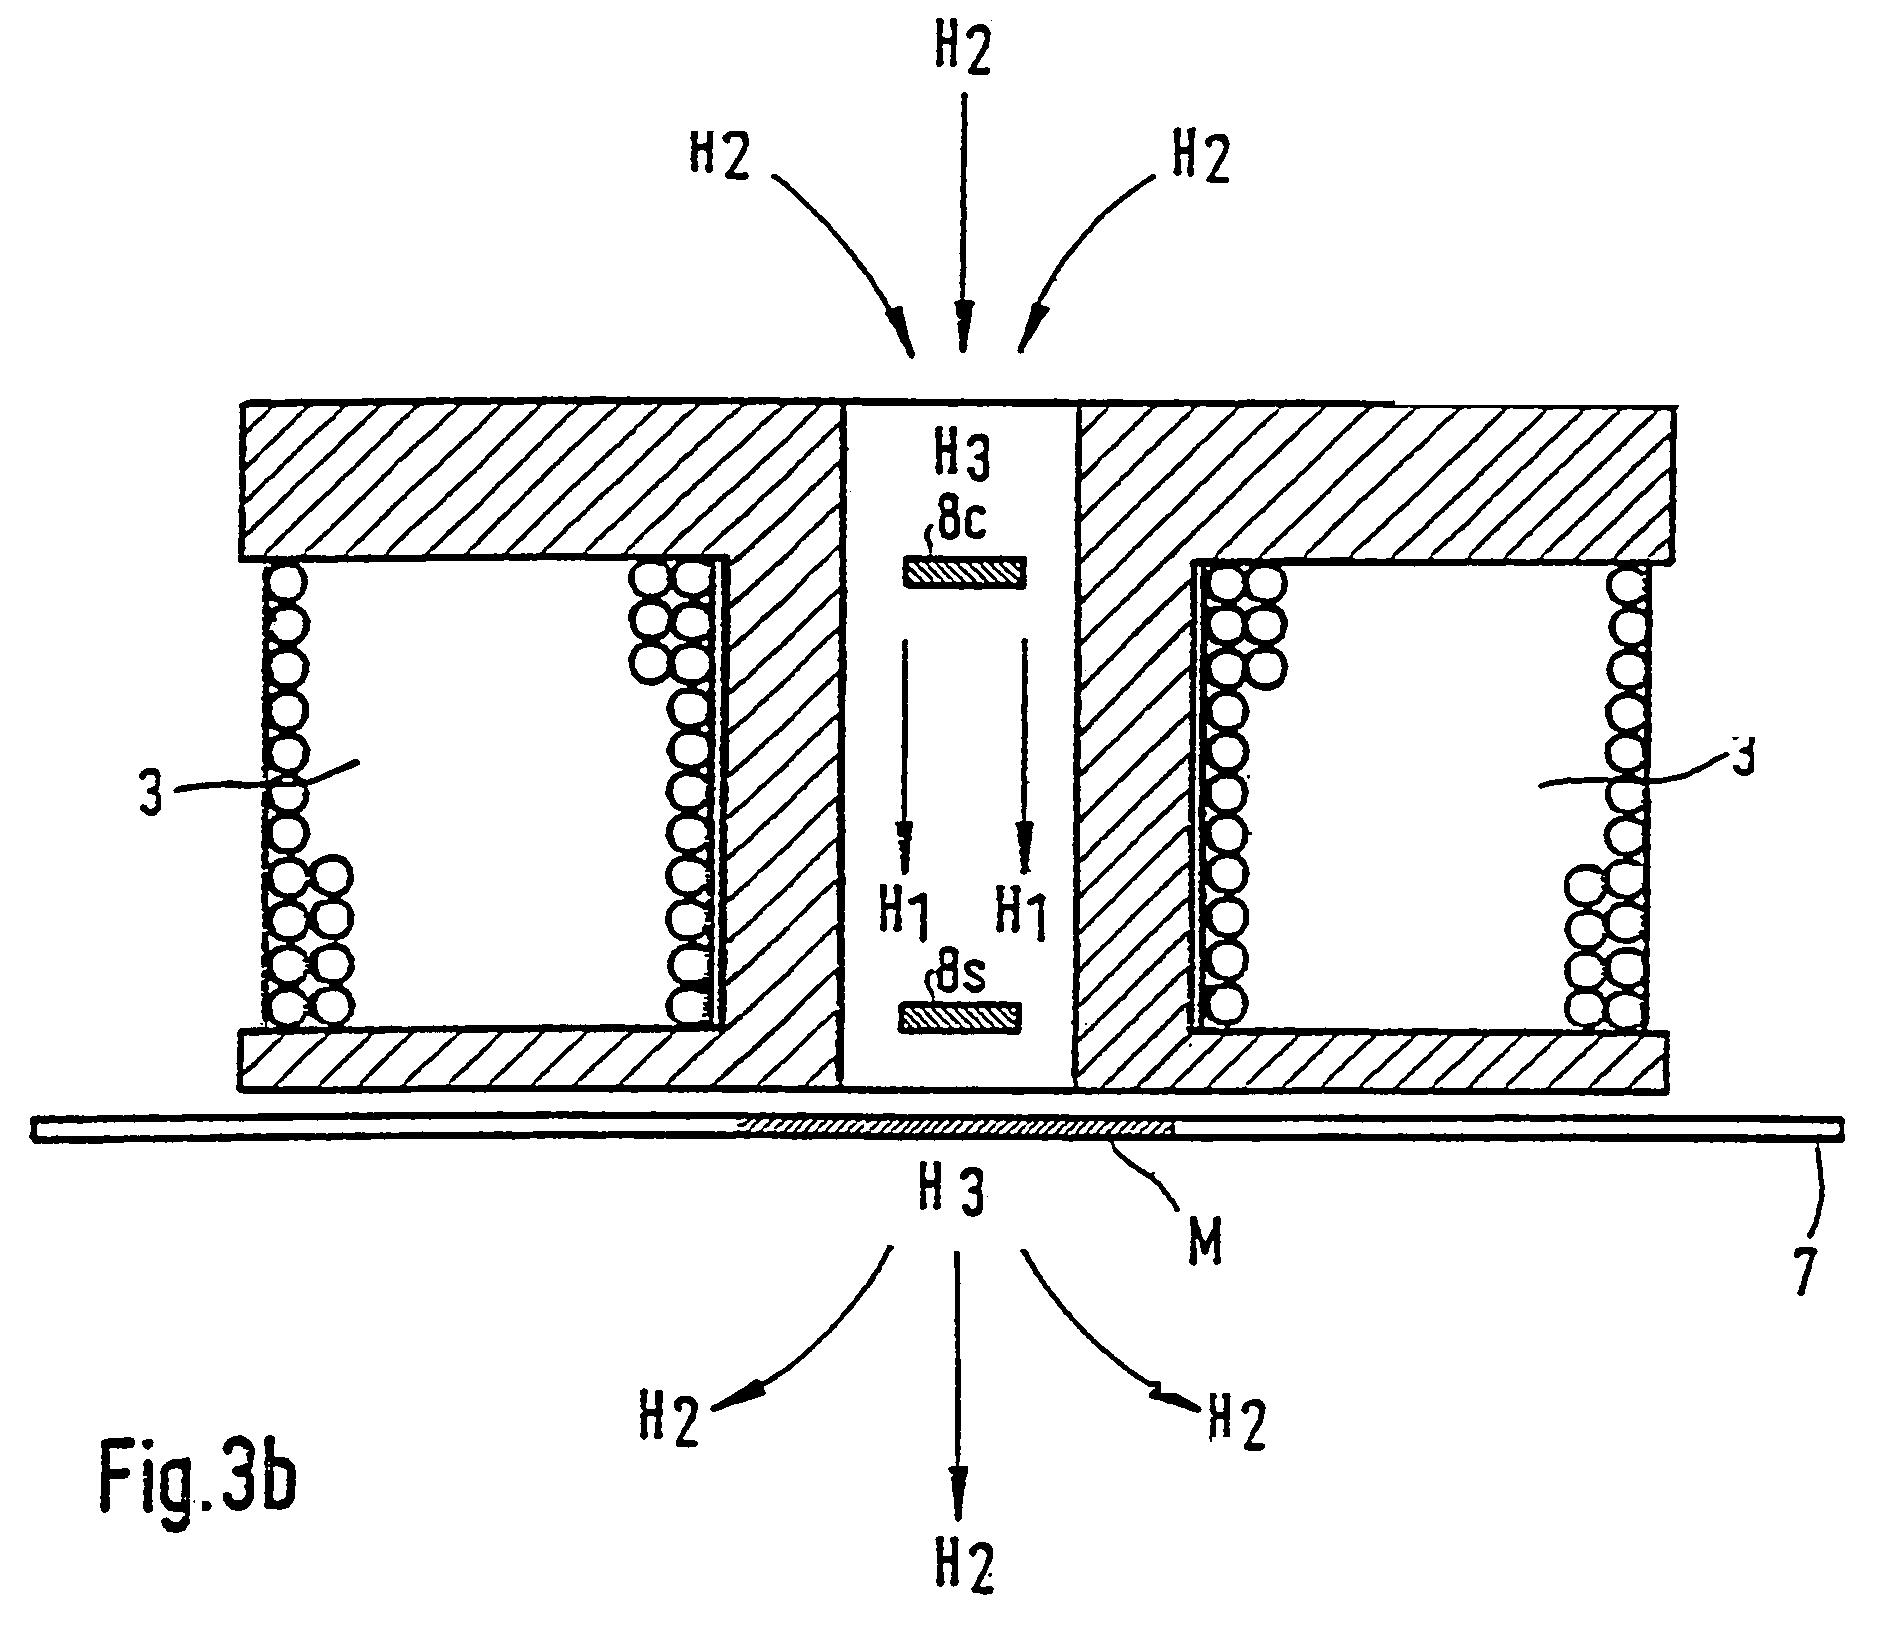 patent us7173416